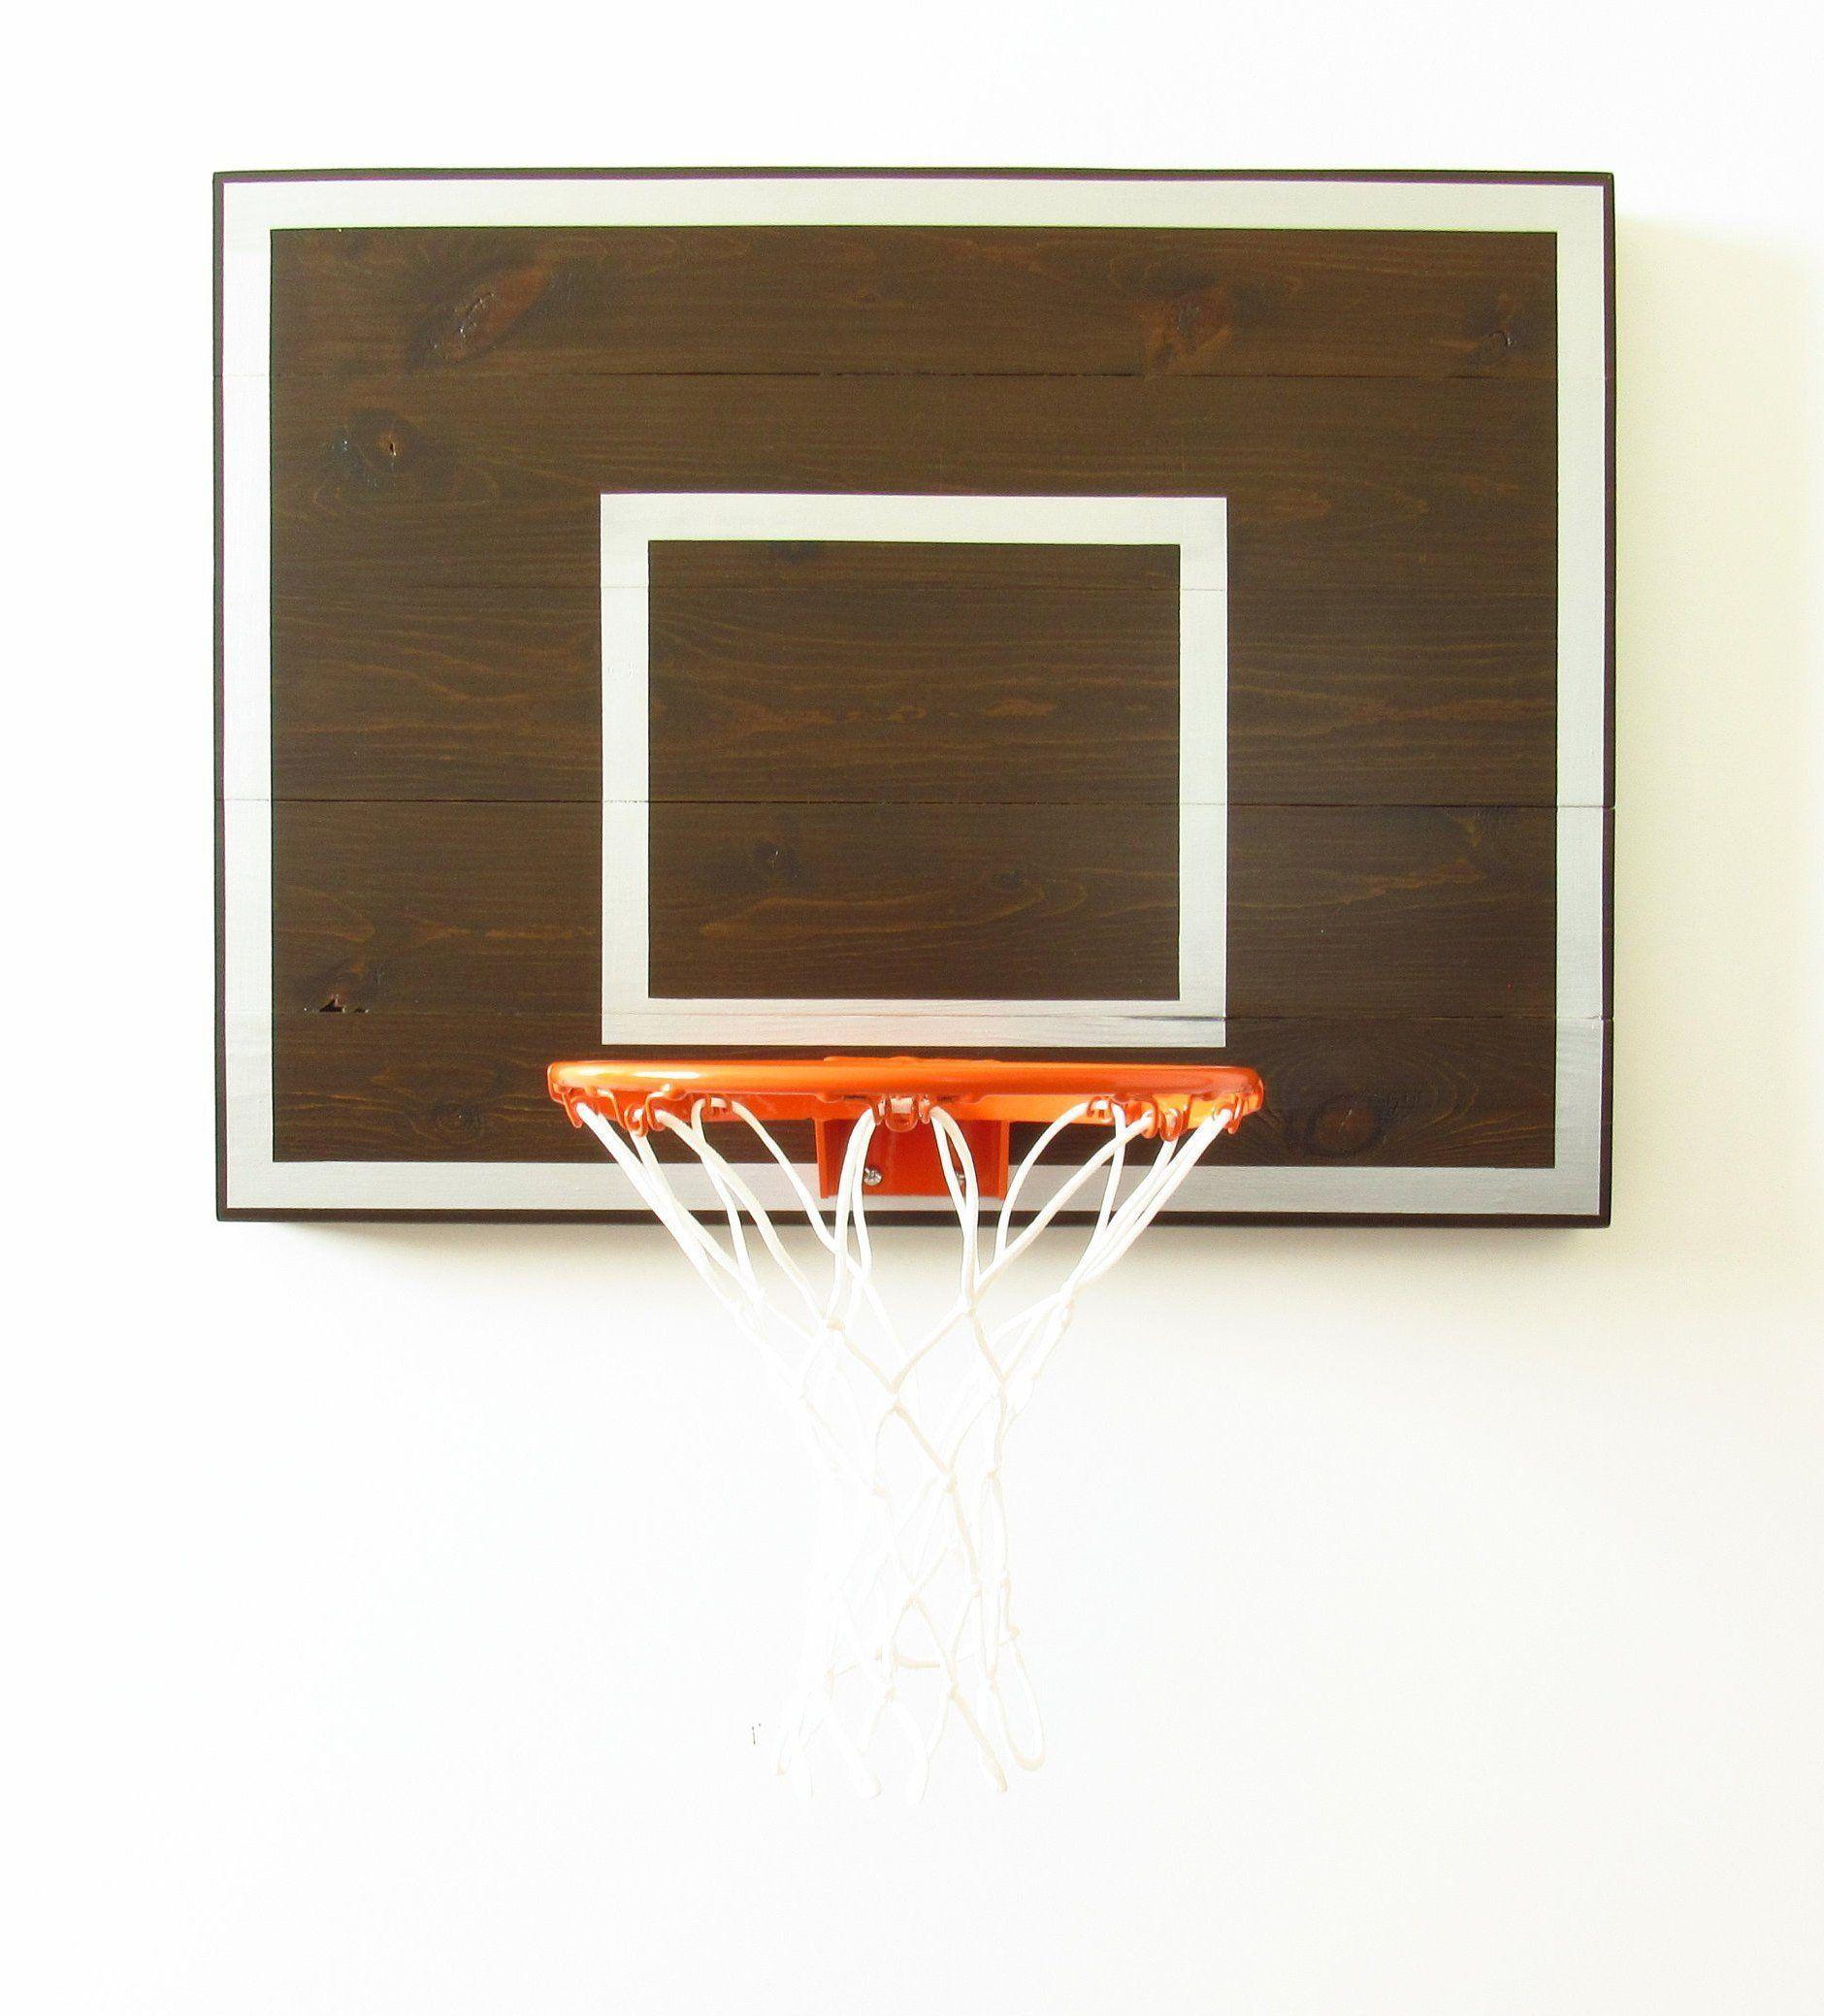 Mini Indoor Basketball Hoop / Sports Decor / Wall Mount